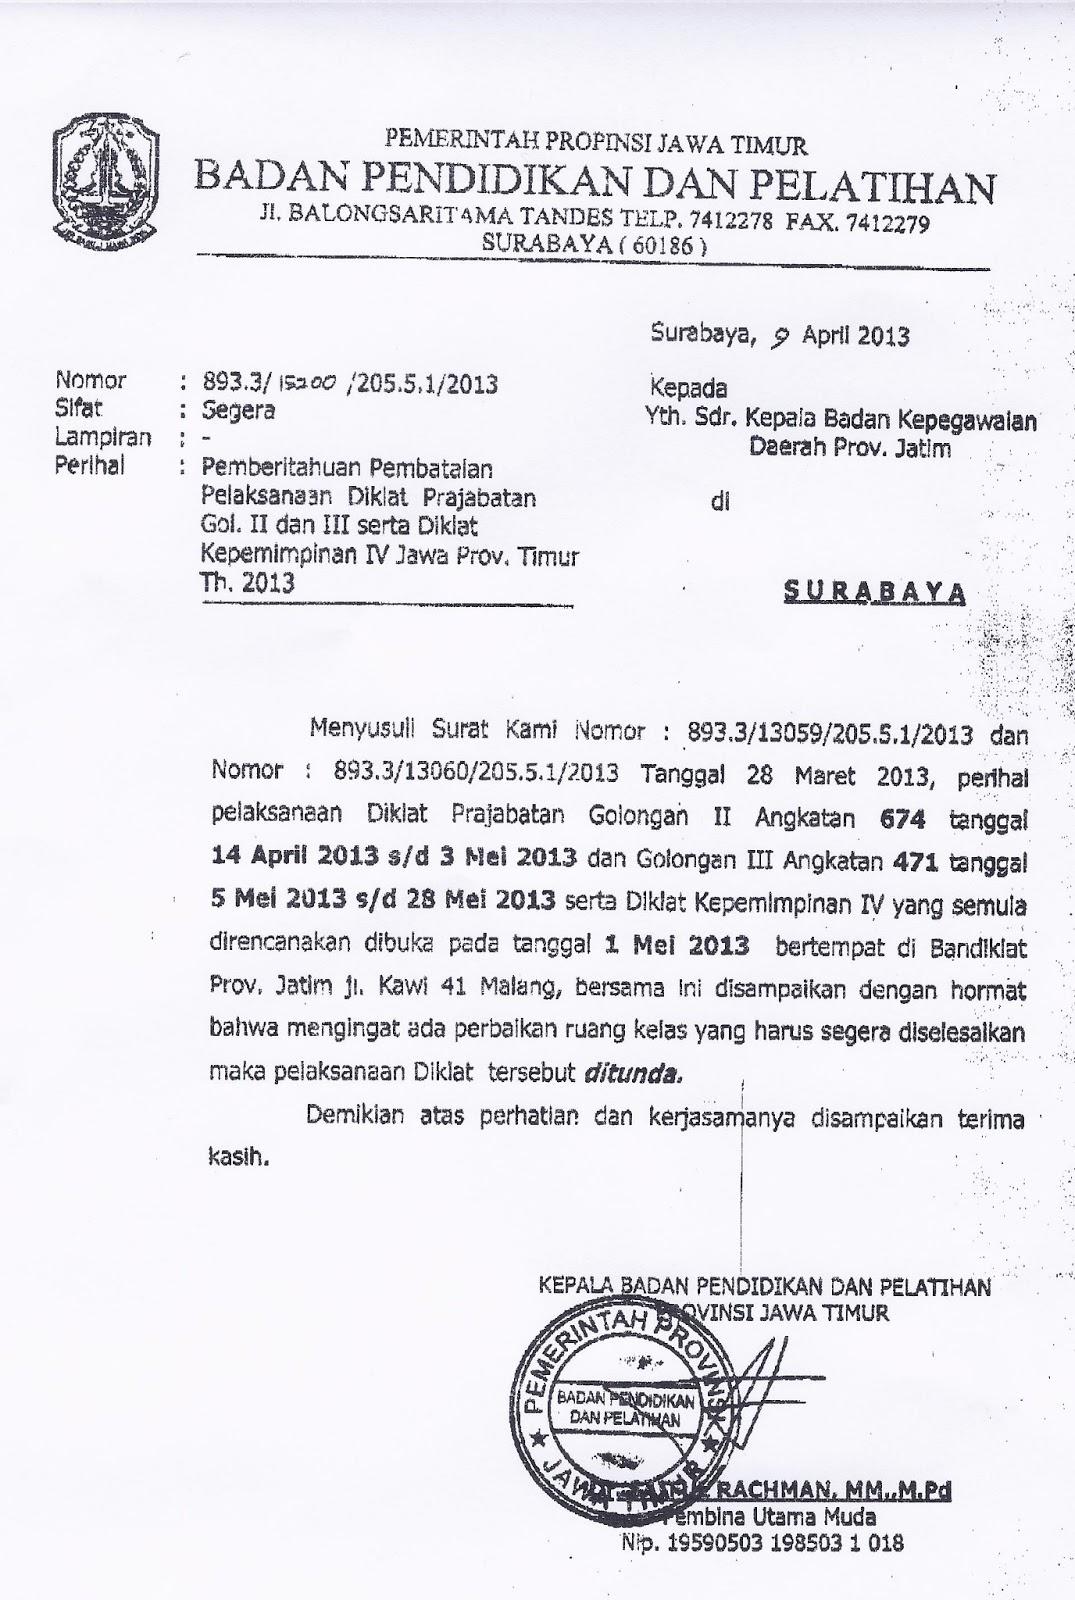 Cpns Kabupaten Gresik 2013 Lowongan Kerja Pt Petrokimia Gresik Info Cpns 2016 Badan Kepegawaian Daerah Bkd Provinsi Jawa Timur Share The